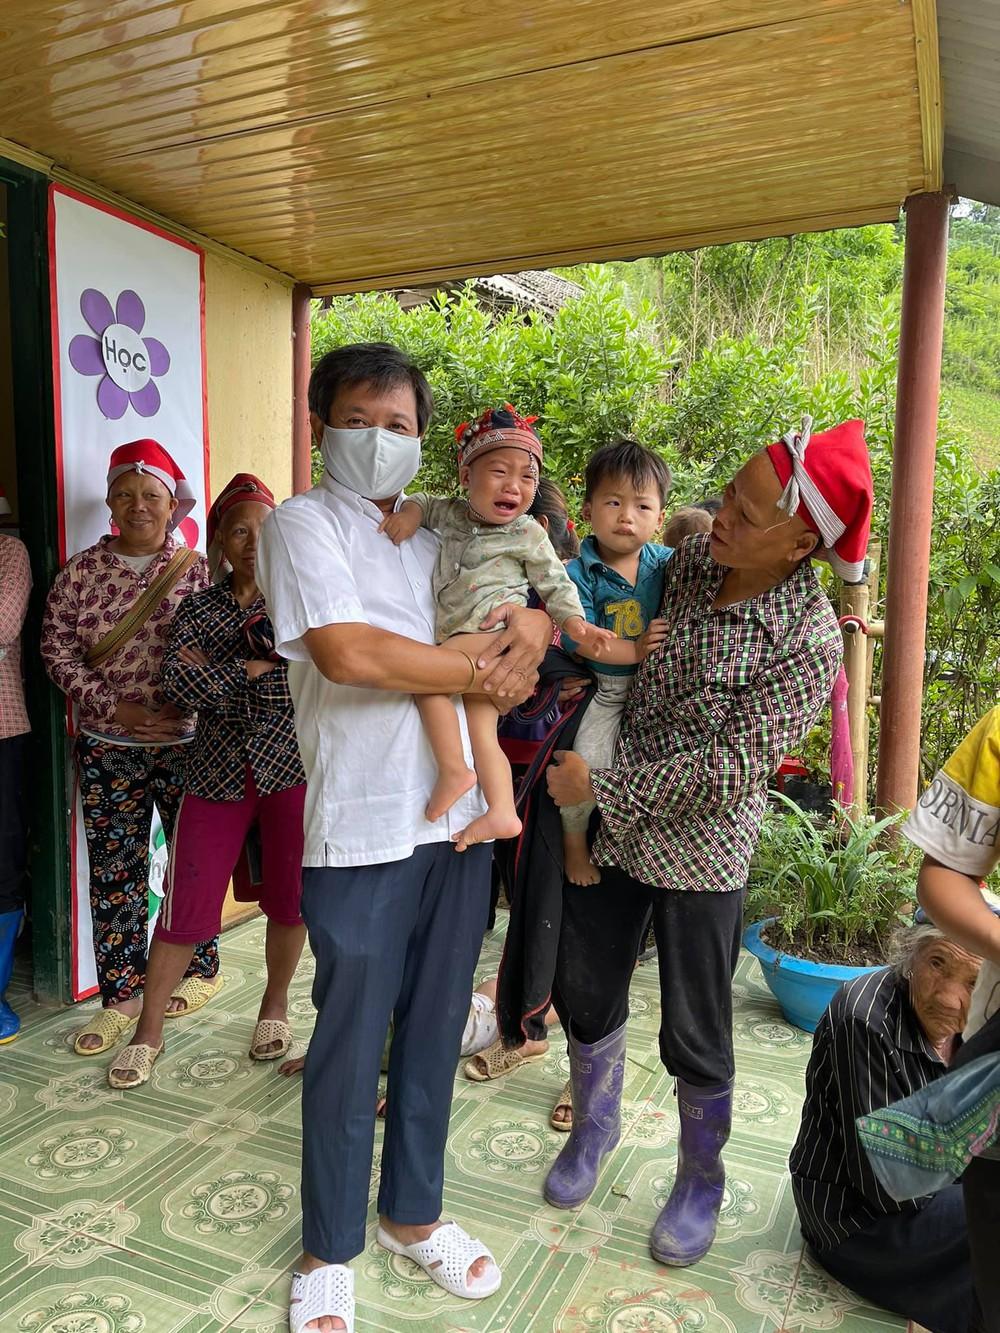 Ông Đoàn Ngọc Hải xúc động khi chứng kiến bữa ăn chỉ có cơm trắng, vài cọng rau của cháu bé ở Séo Trung Hồ Mông - Ảnh 2.